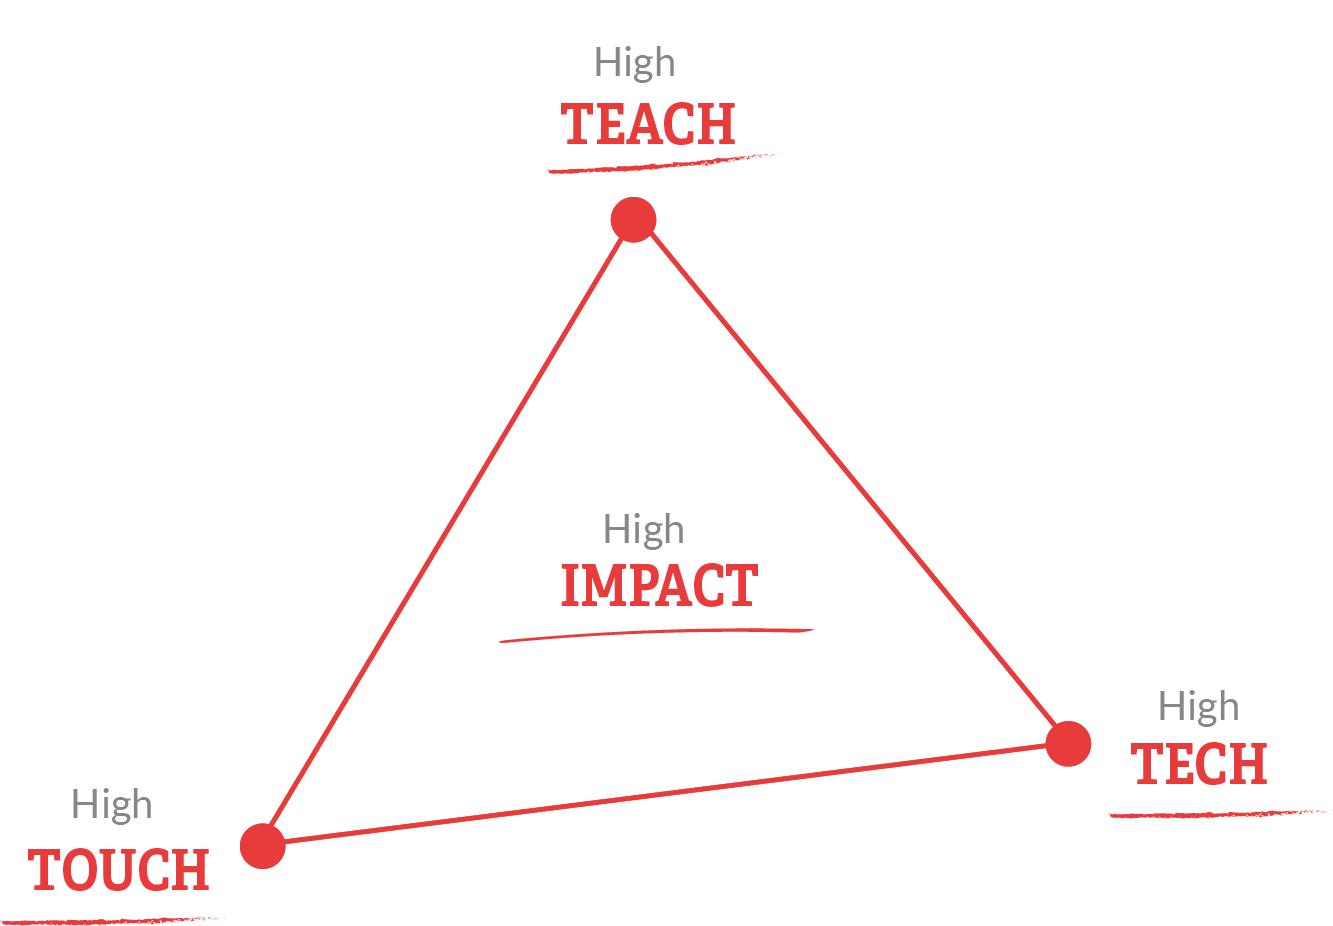 In ieder ontwikkeltraject of verandertraject combineren wij Teach, Touch en Tech voor het creëren van impact